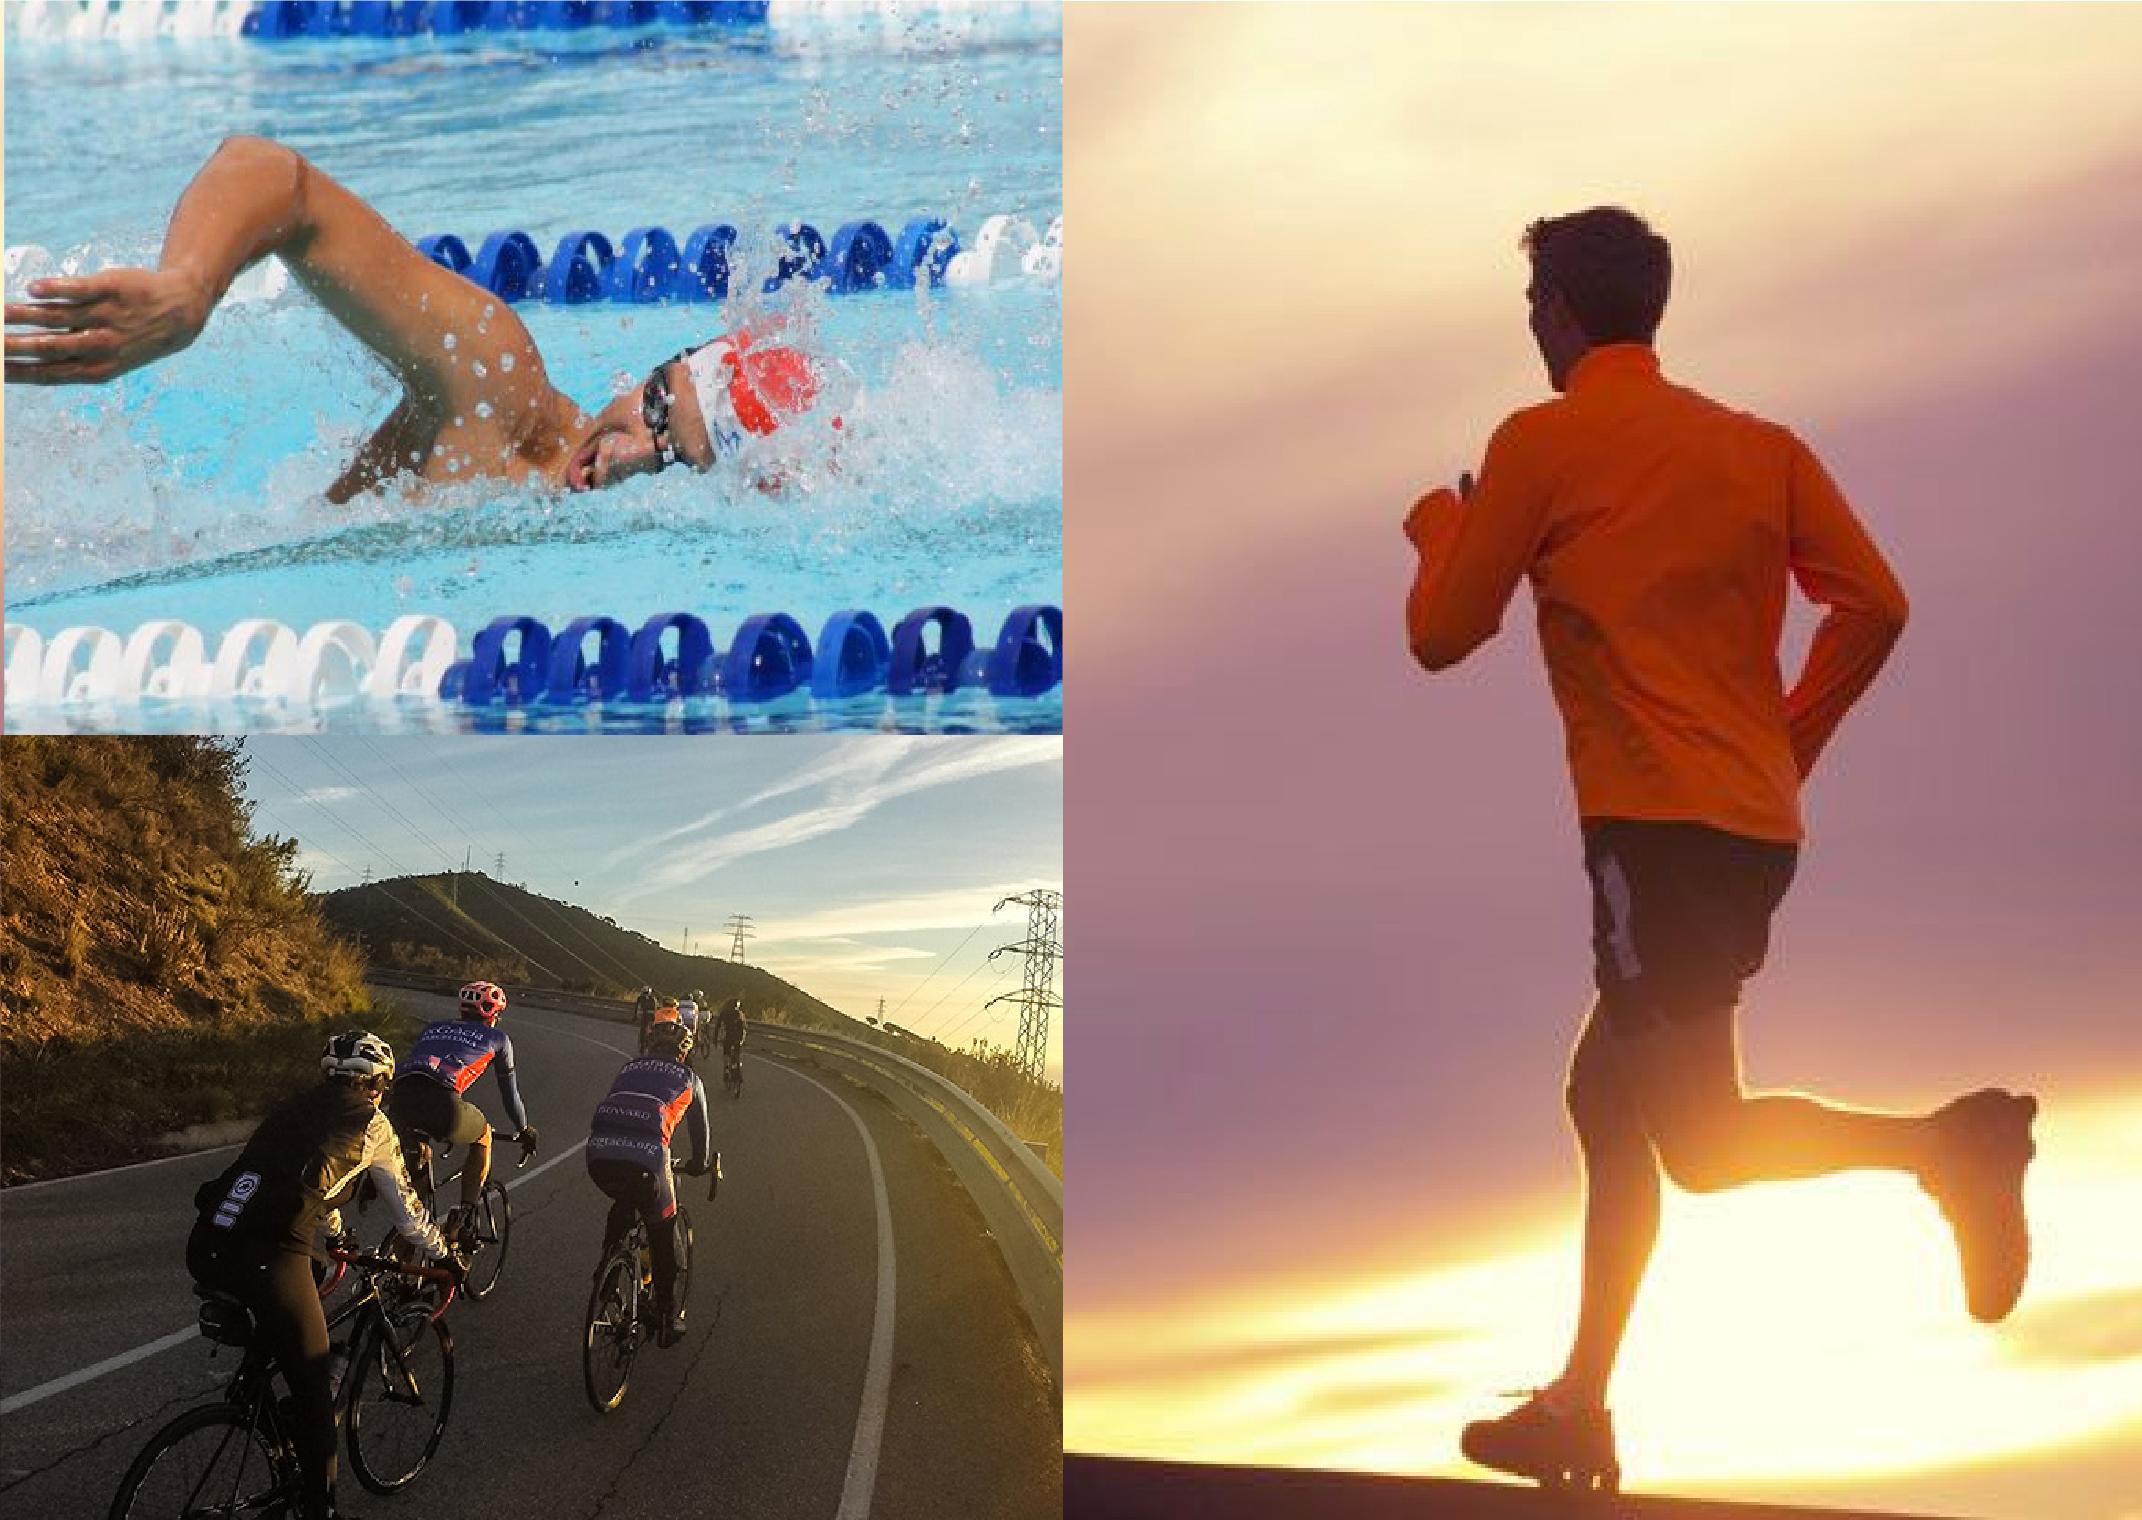 Fragmentación del ADN espermático como resultado del entrenamiento de alto  rendimiento en atletas masculinos de triatlon. 0d65c79405